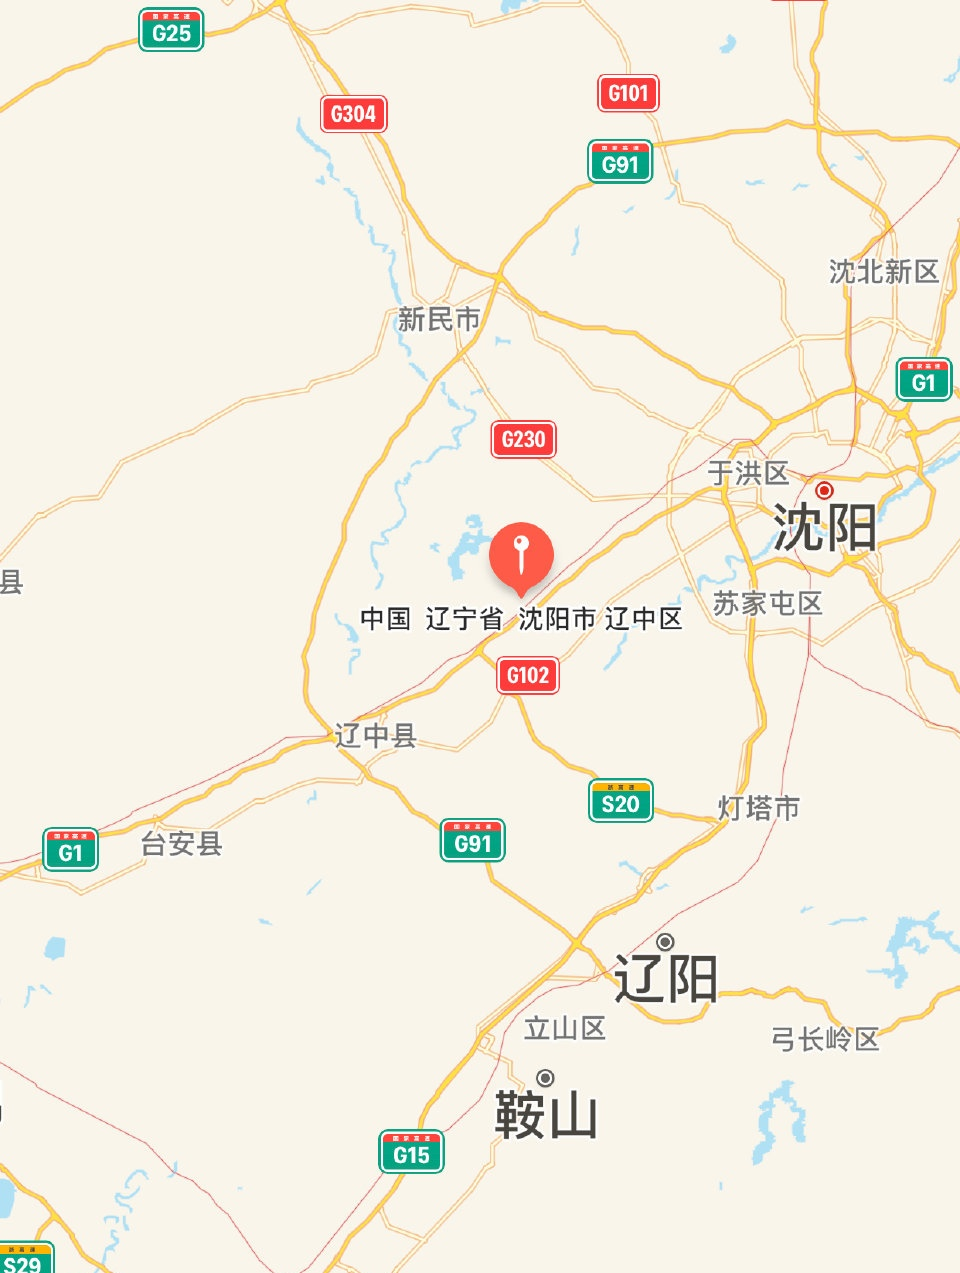 辽宁沈阳市辽中区发生M2.0级地震 震源深度10Km图片